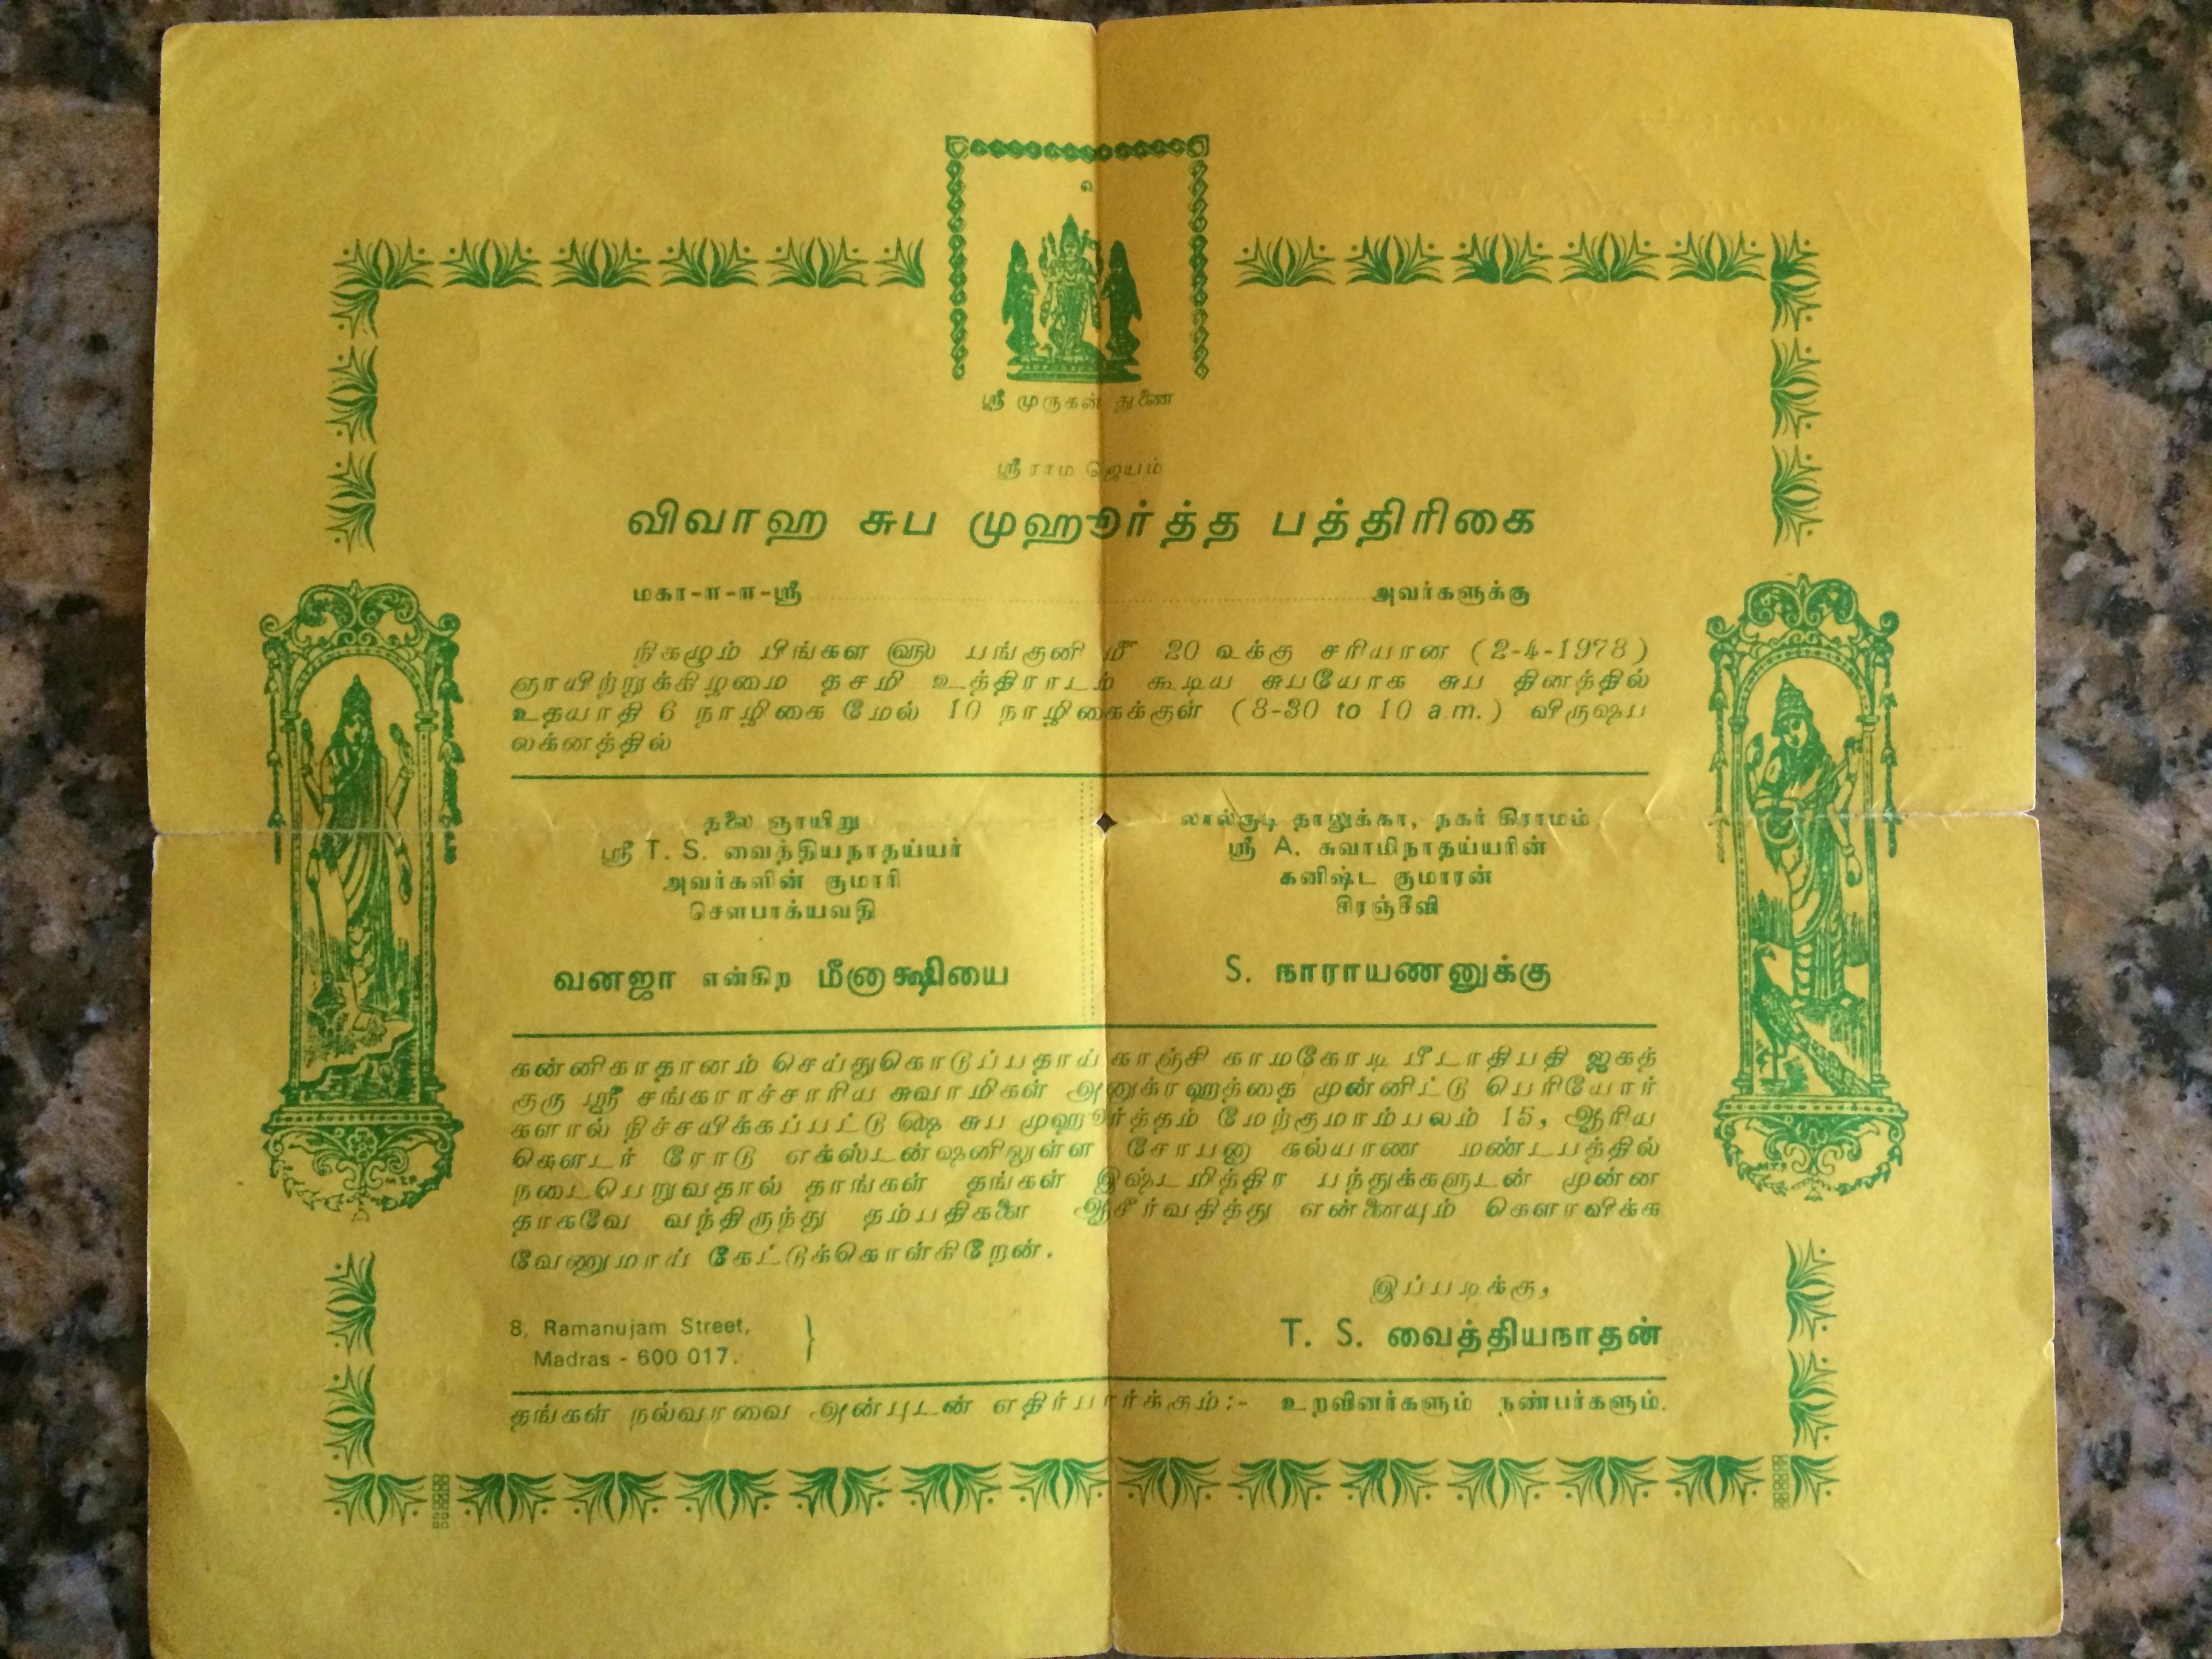 Pathirikai Sriandsteph